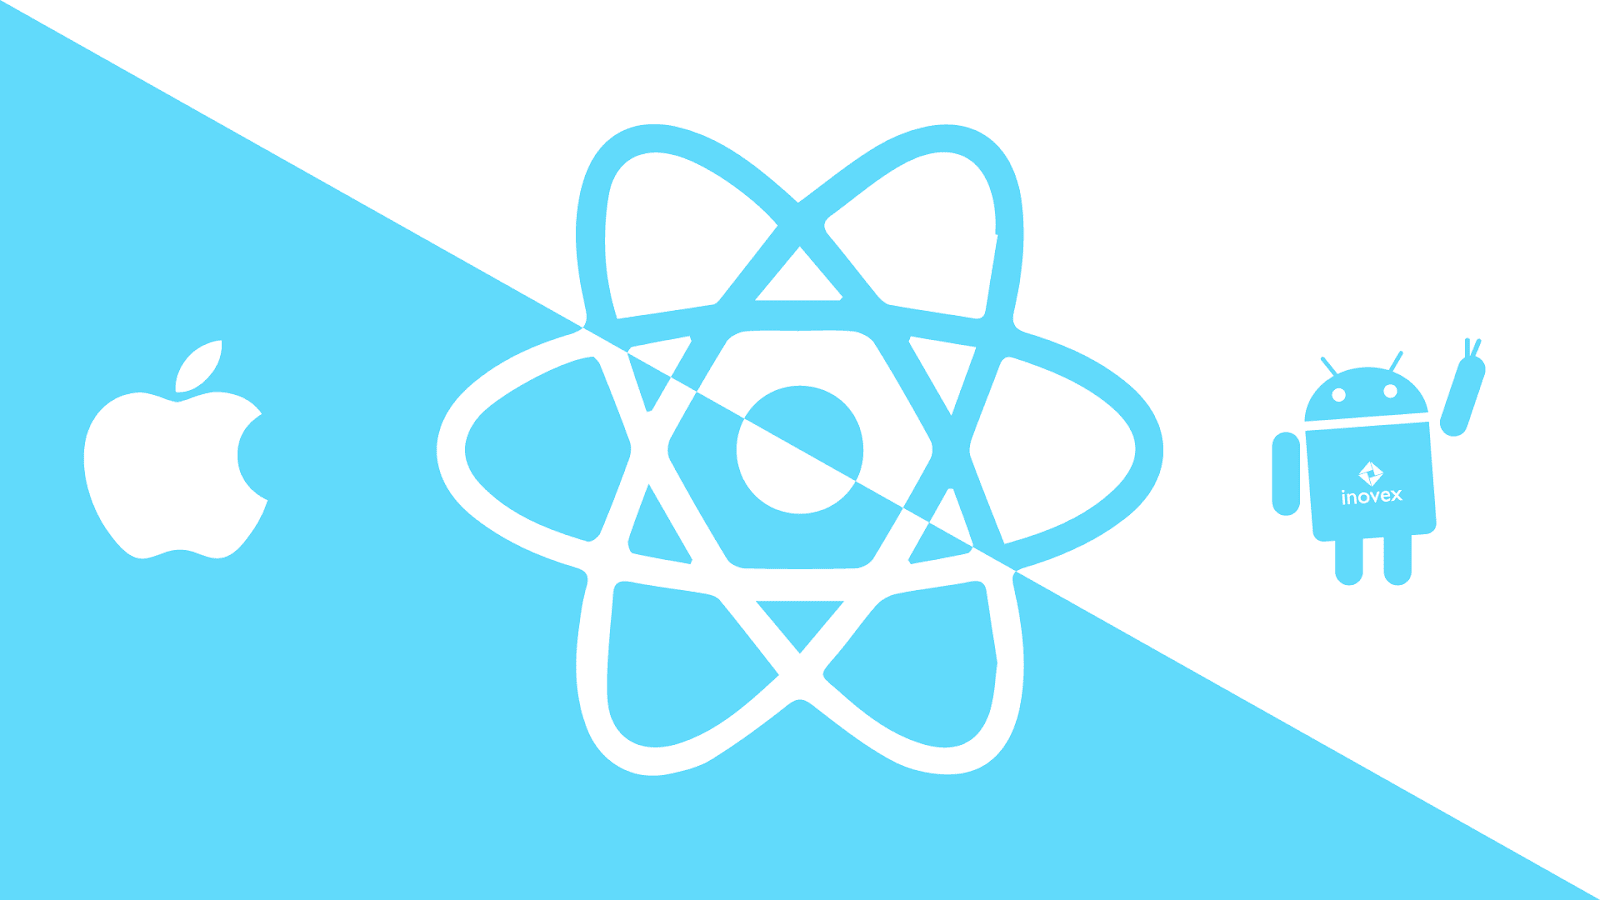 React native là một framework phát triển ứng dụng di động đa nền tảng dành cho cả Android và iOS